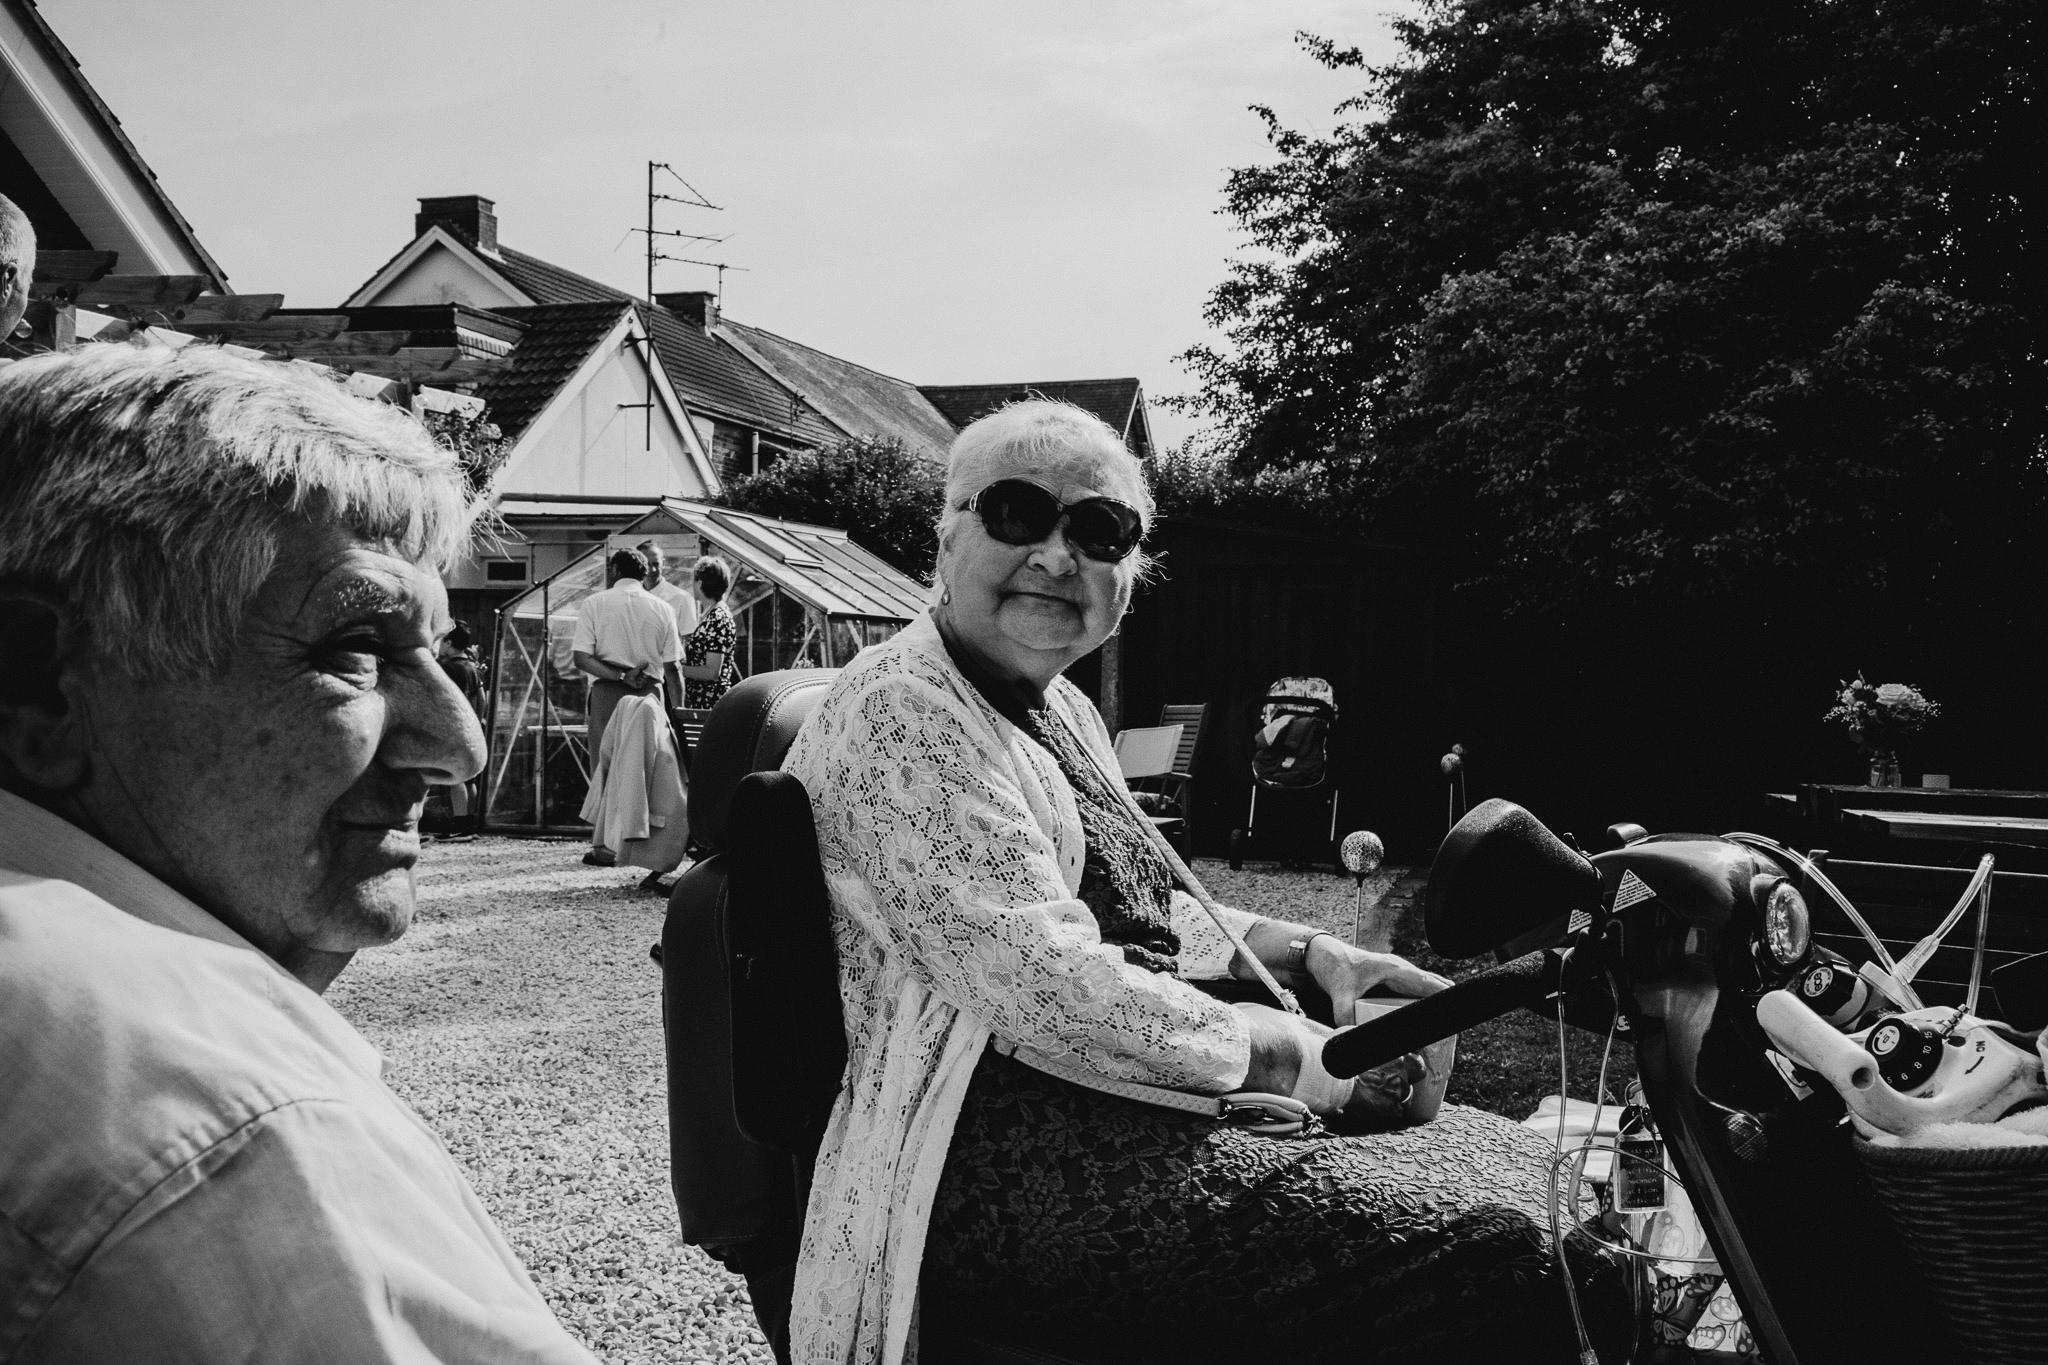 leeds-reportage-wedding-photography-16.jpg